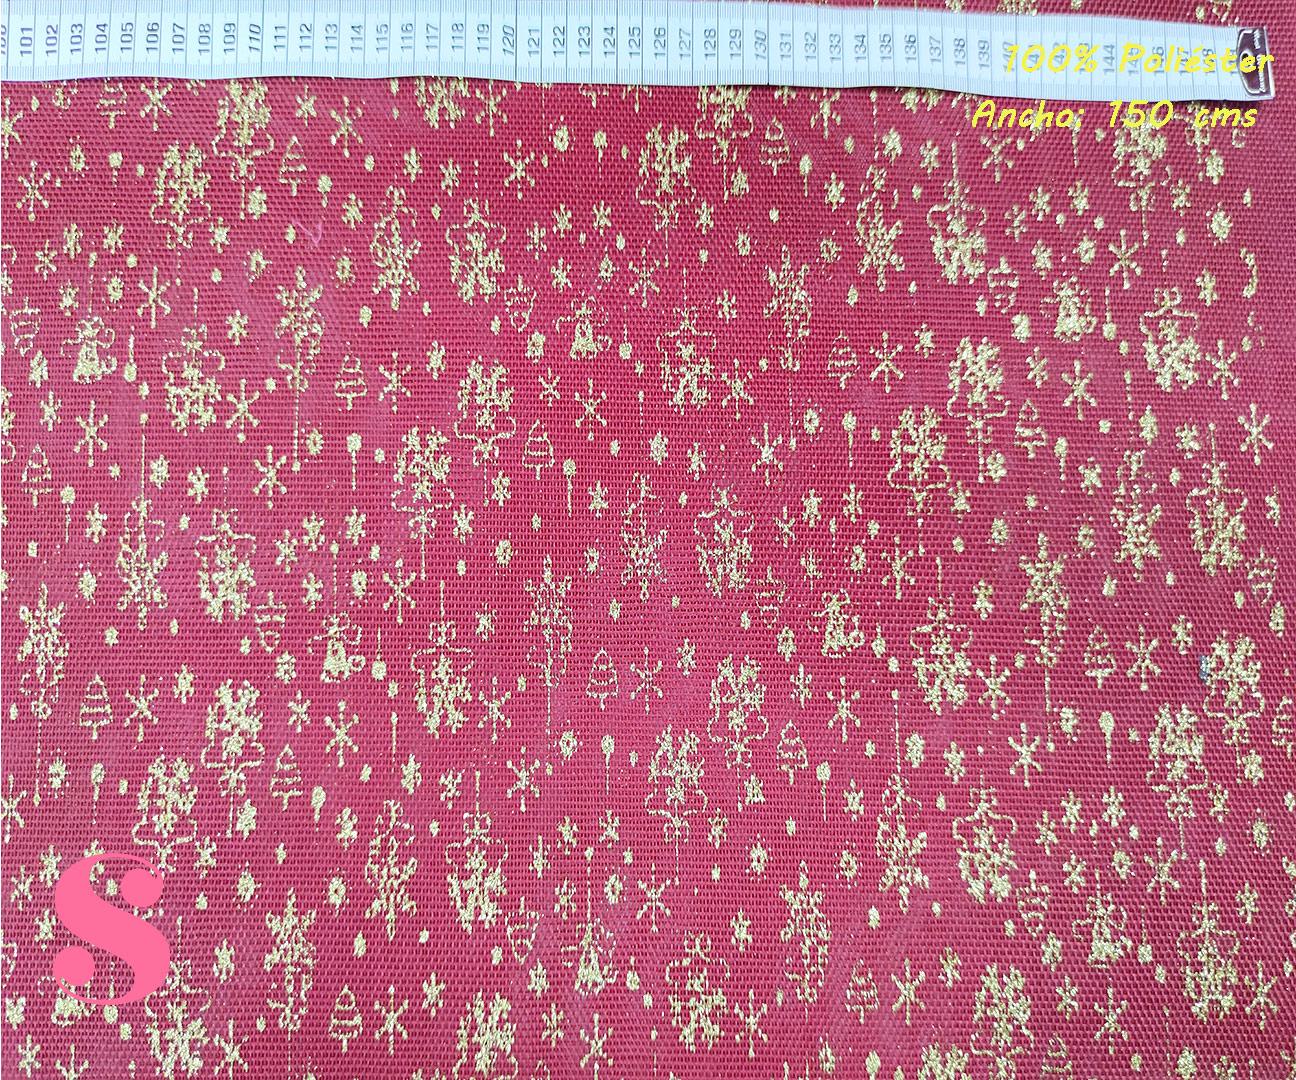 adornos-dorados-fondo-rojo-navidad-manteleria-adornos-tejidos-poliesterestampadol,Arpillera Roja Estampada Adornos Dorados